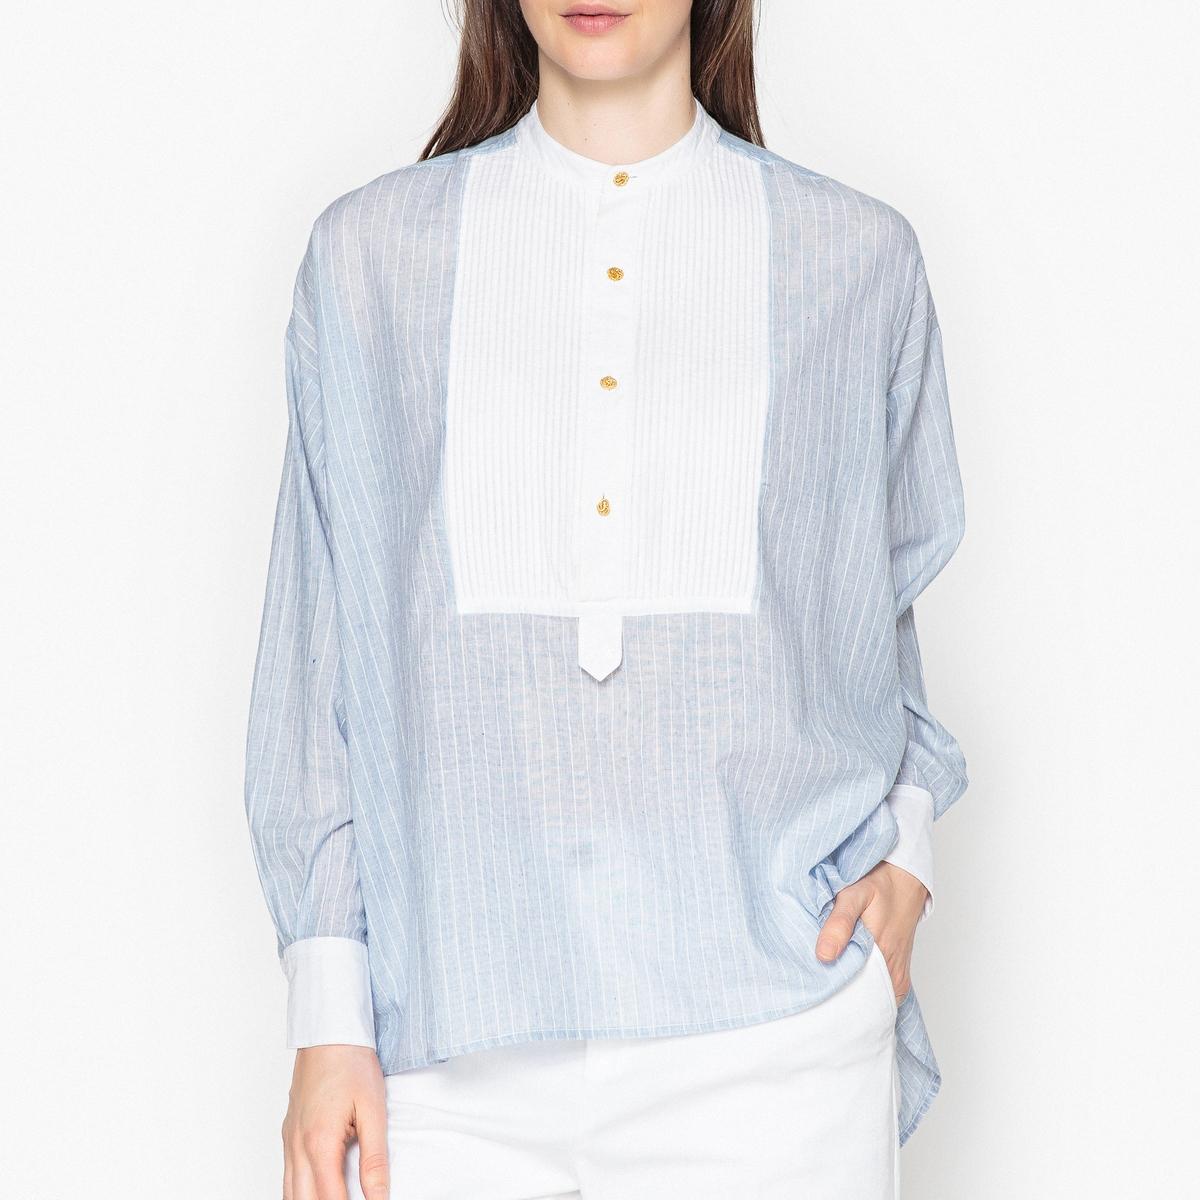 Блузка с галстуком-бантом и длинными рукавами PILLARОписание:Блузка в полоску с длинными рукавами LAURENCE BRAS - модель PILLAR. Форма рубашки из тонкой ткани в полоску, плиссированная манишка под вырезом. Пуговицы золотистого цвета.Манжеты контрастного белого цвета с застежкой на 1 пуговицу золотистого цвета. Длиннее сзади.Детали •  Длинные рукава •  Прямой покрой •  Галстук-бантСостав и уход •  100% хлопок •  Следуйте рекомендациям по уходу, указанным на этикетке изделия<br><br>Цвет: синий/ белый